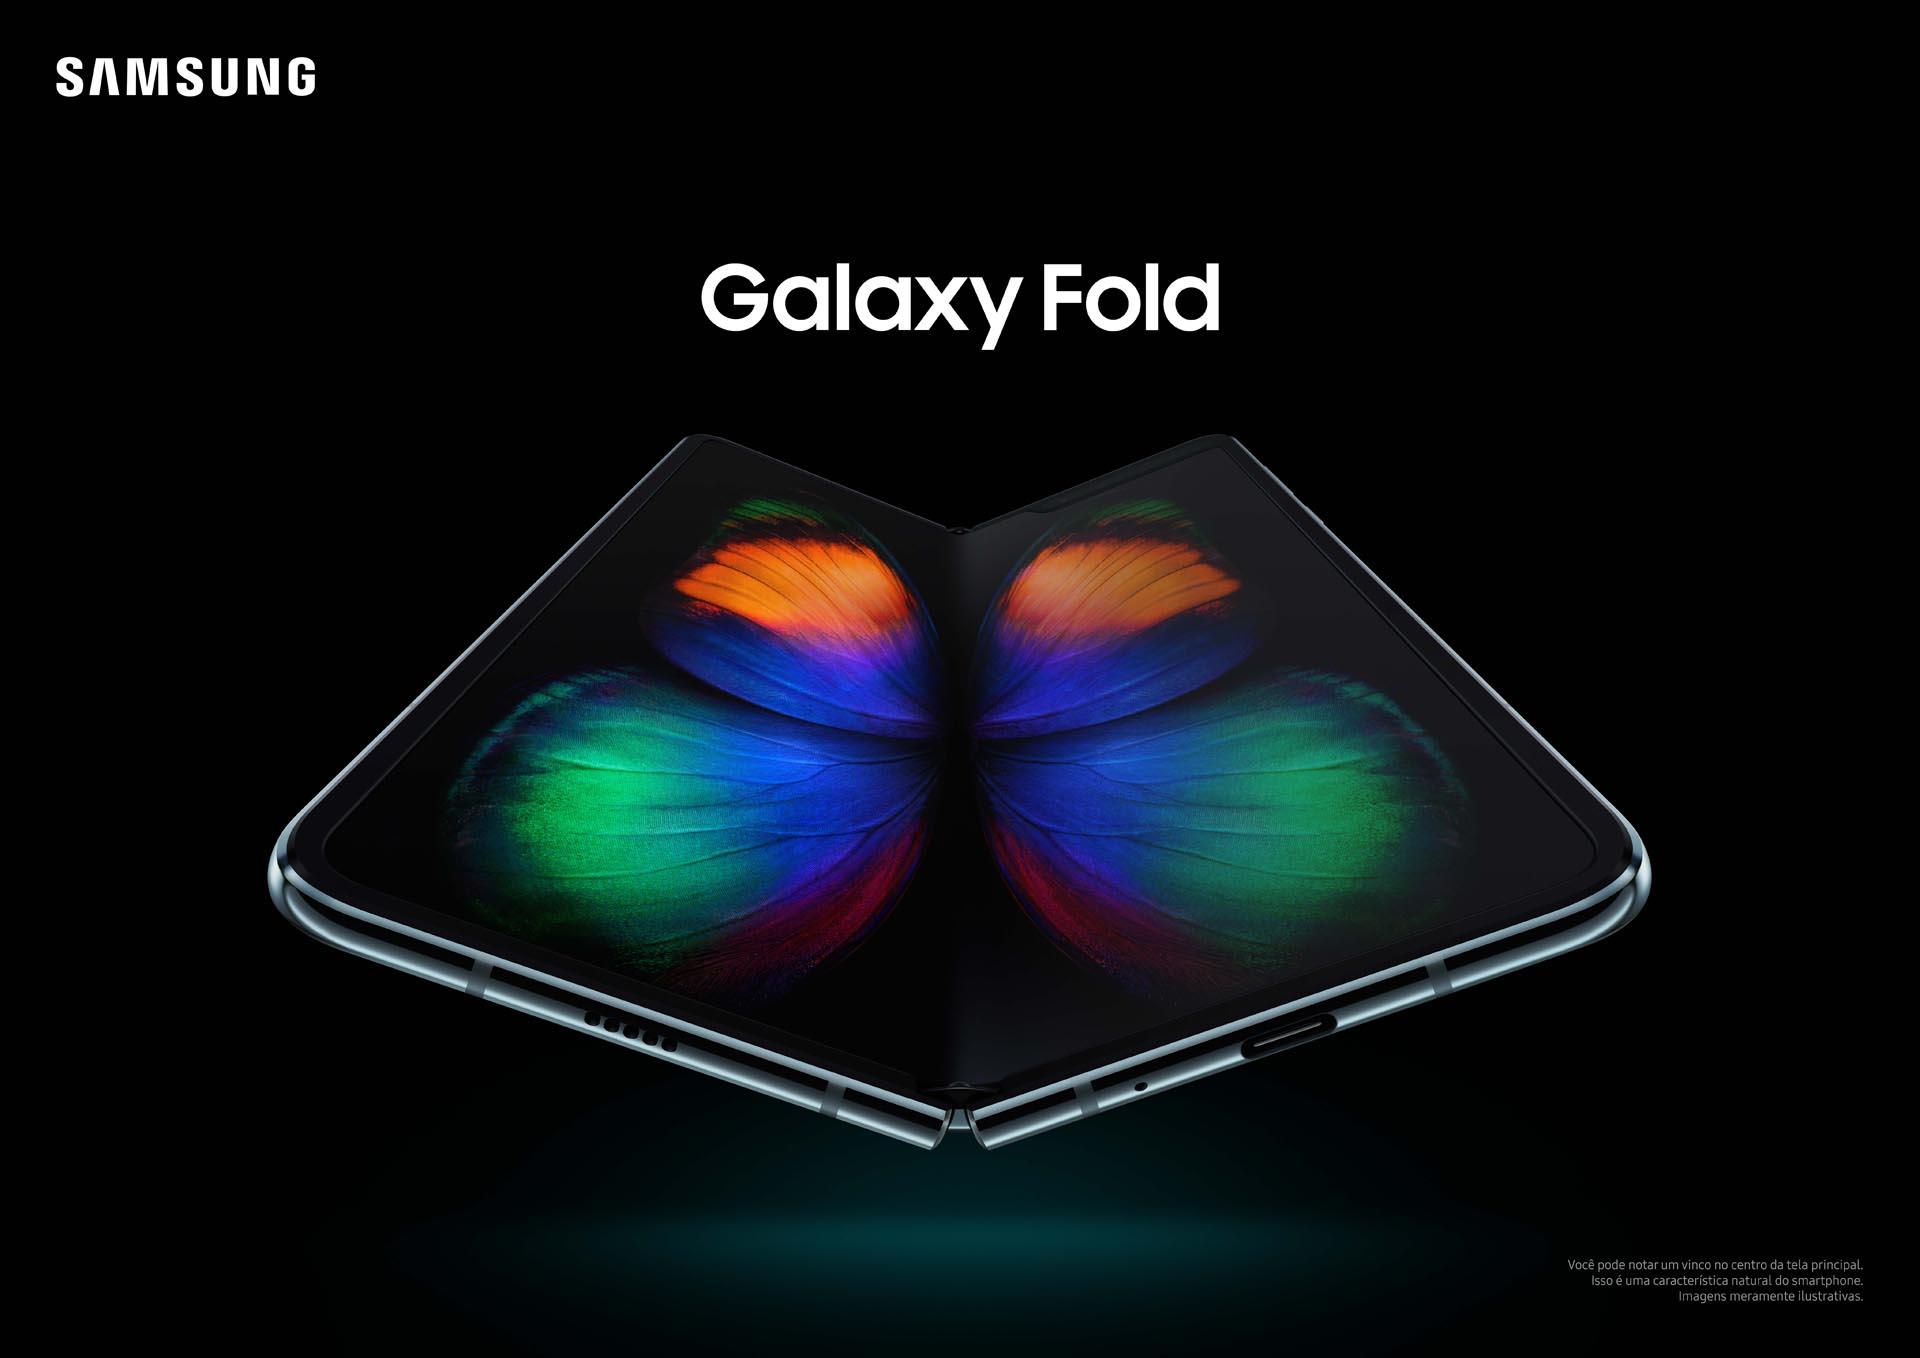 Assistente virtual Bixby proporcionada pelo Galaxy Fold